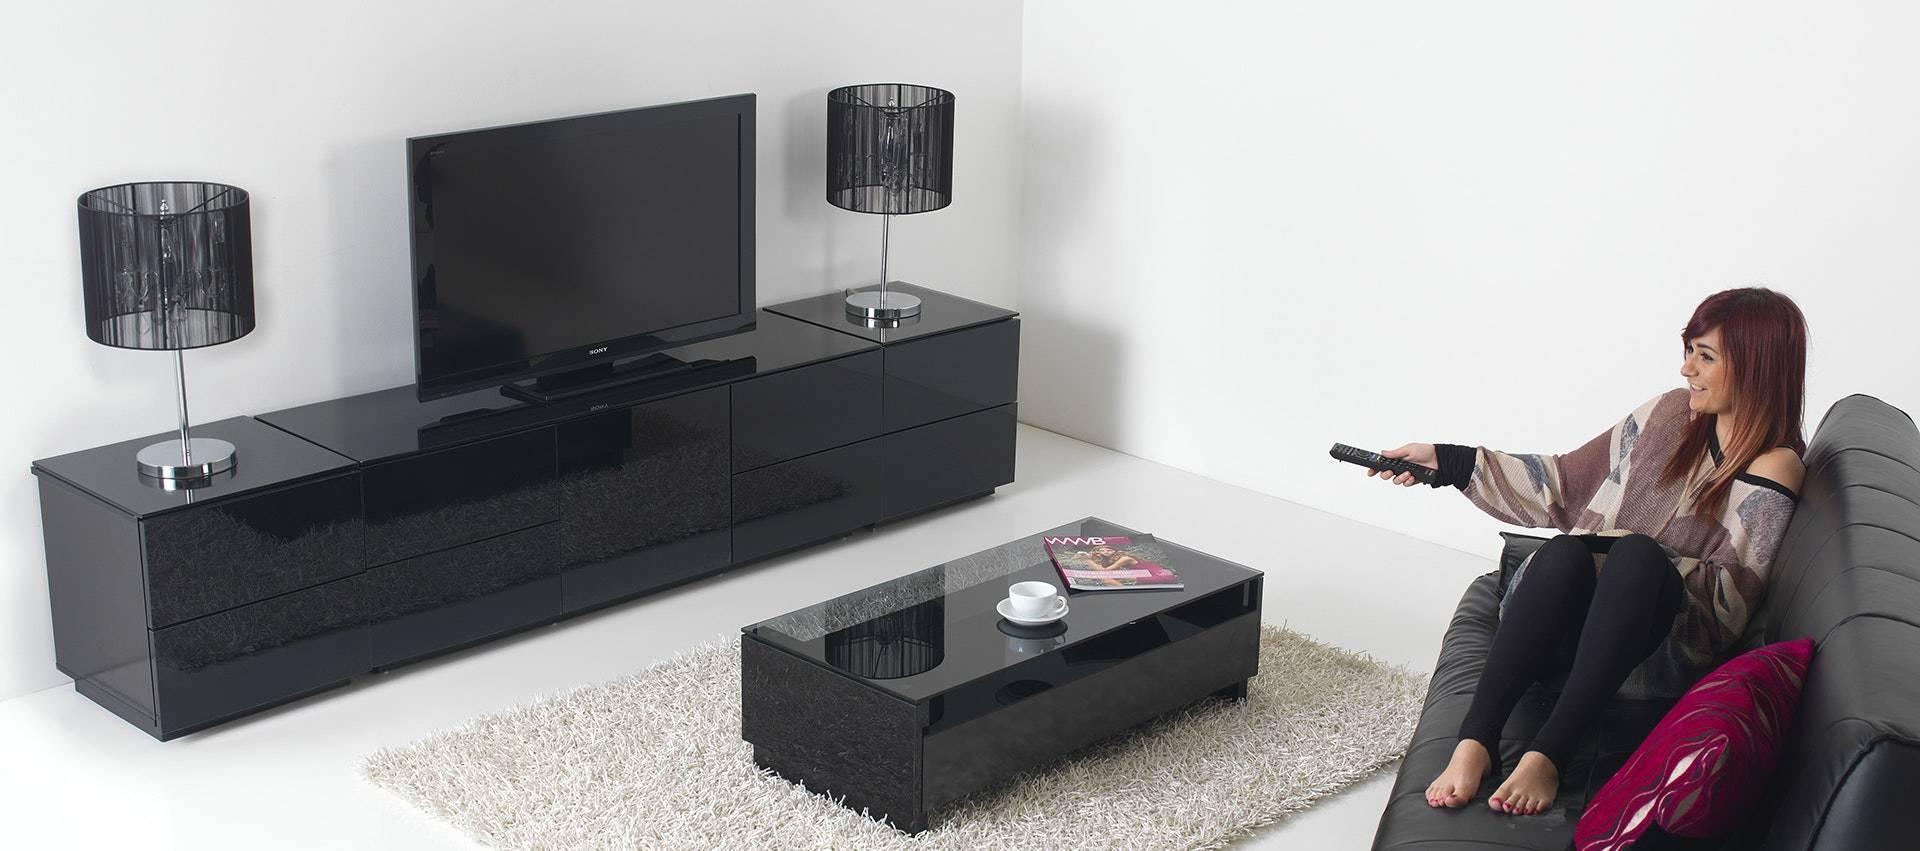 Television Stands Slimline Tv Cabinets On Modern Home Decoration inside Slimline Tv Cabinets (Image 11 of 15)